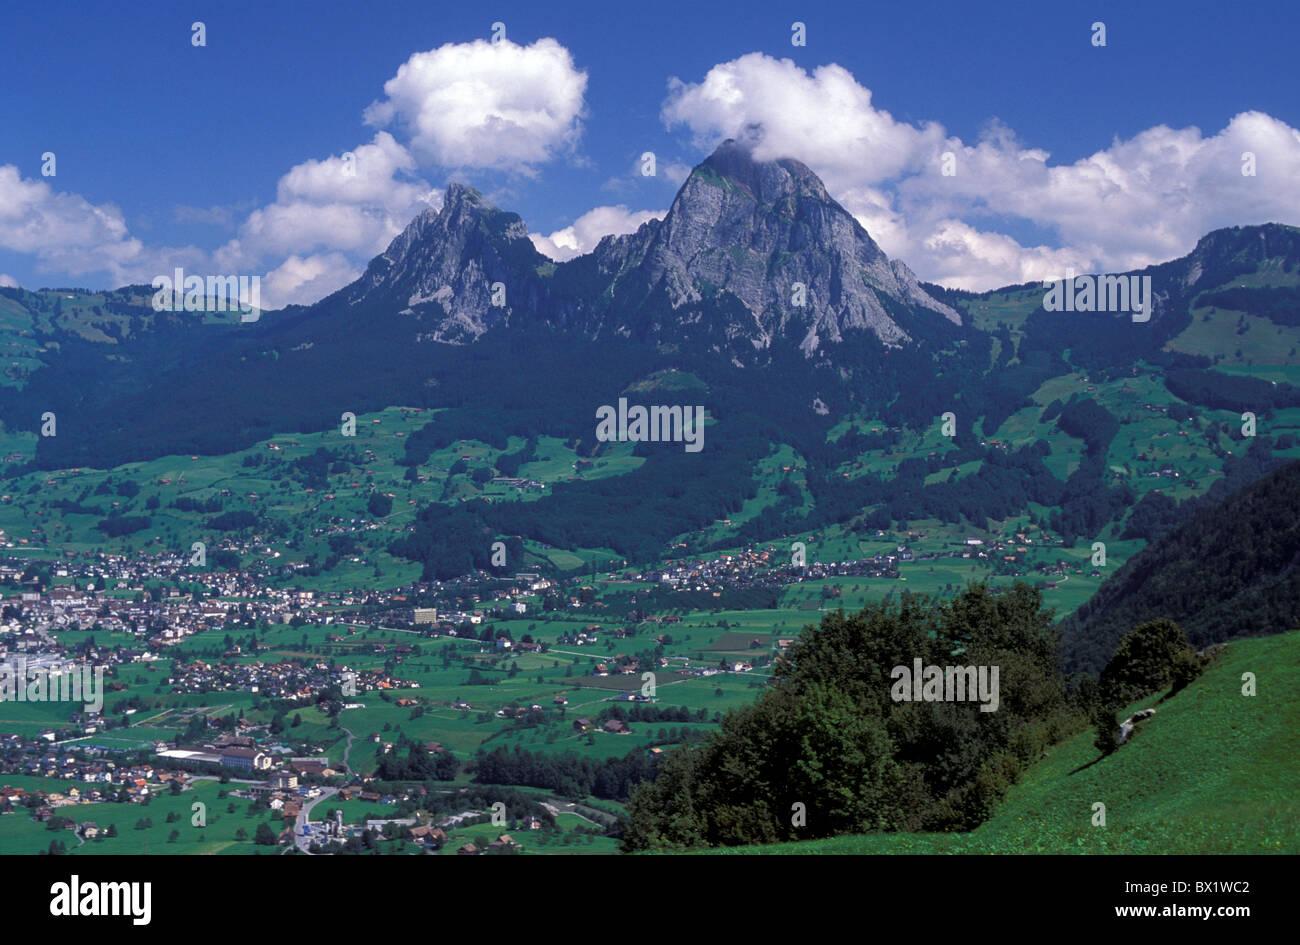 central Switzerland Europe mountains myths scenery landscape Schwyz village Switzerland Europe - Stock Image